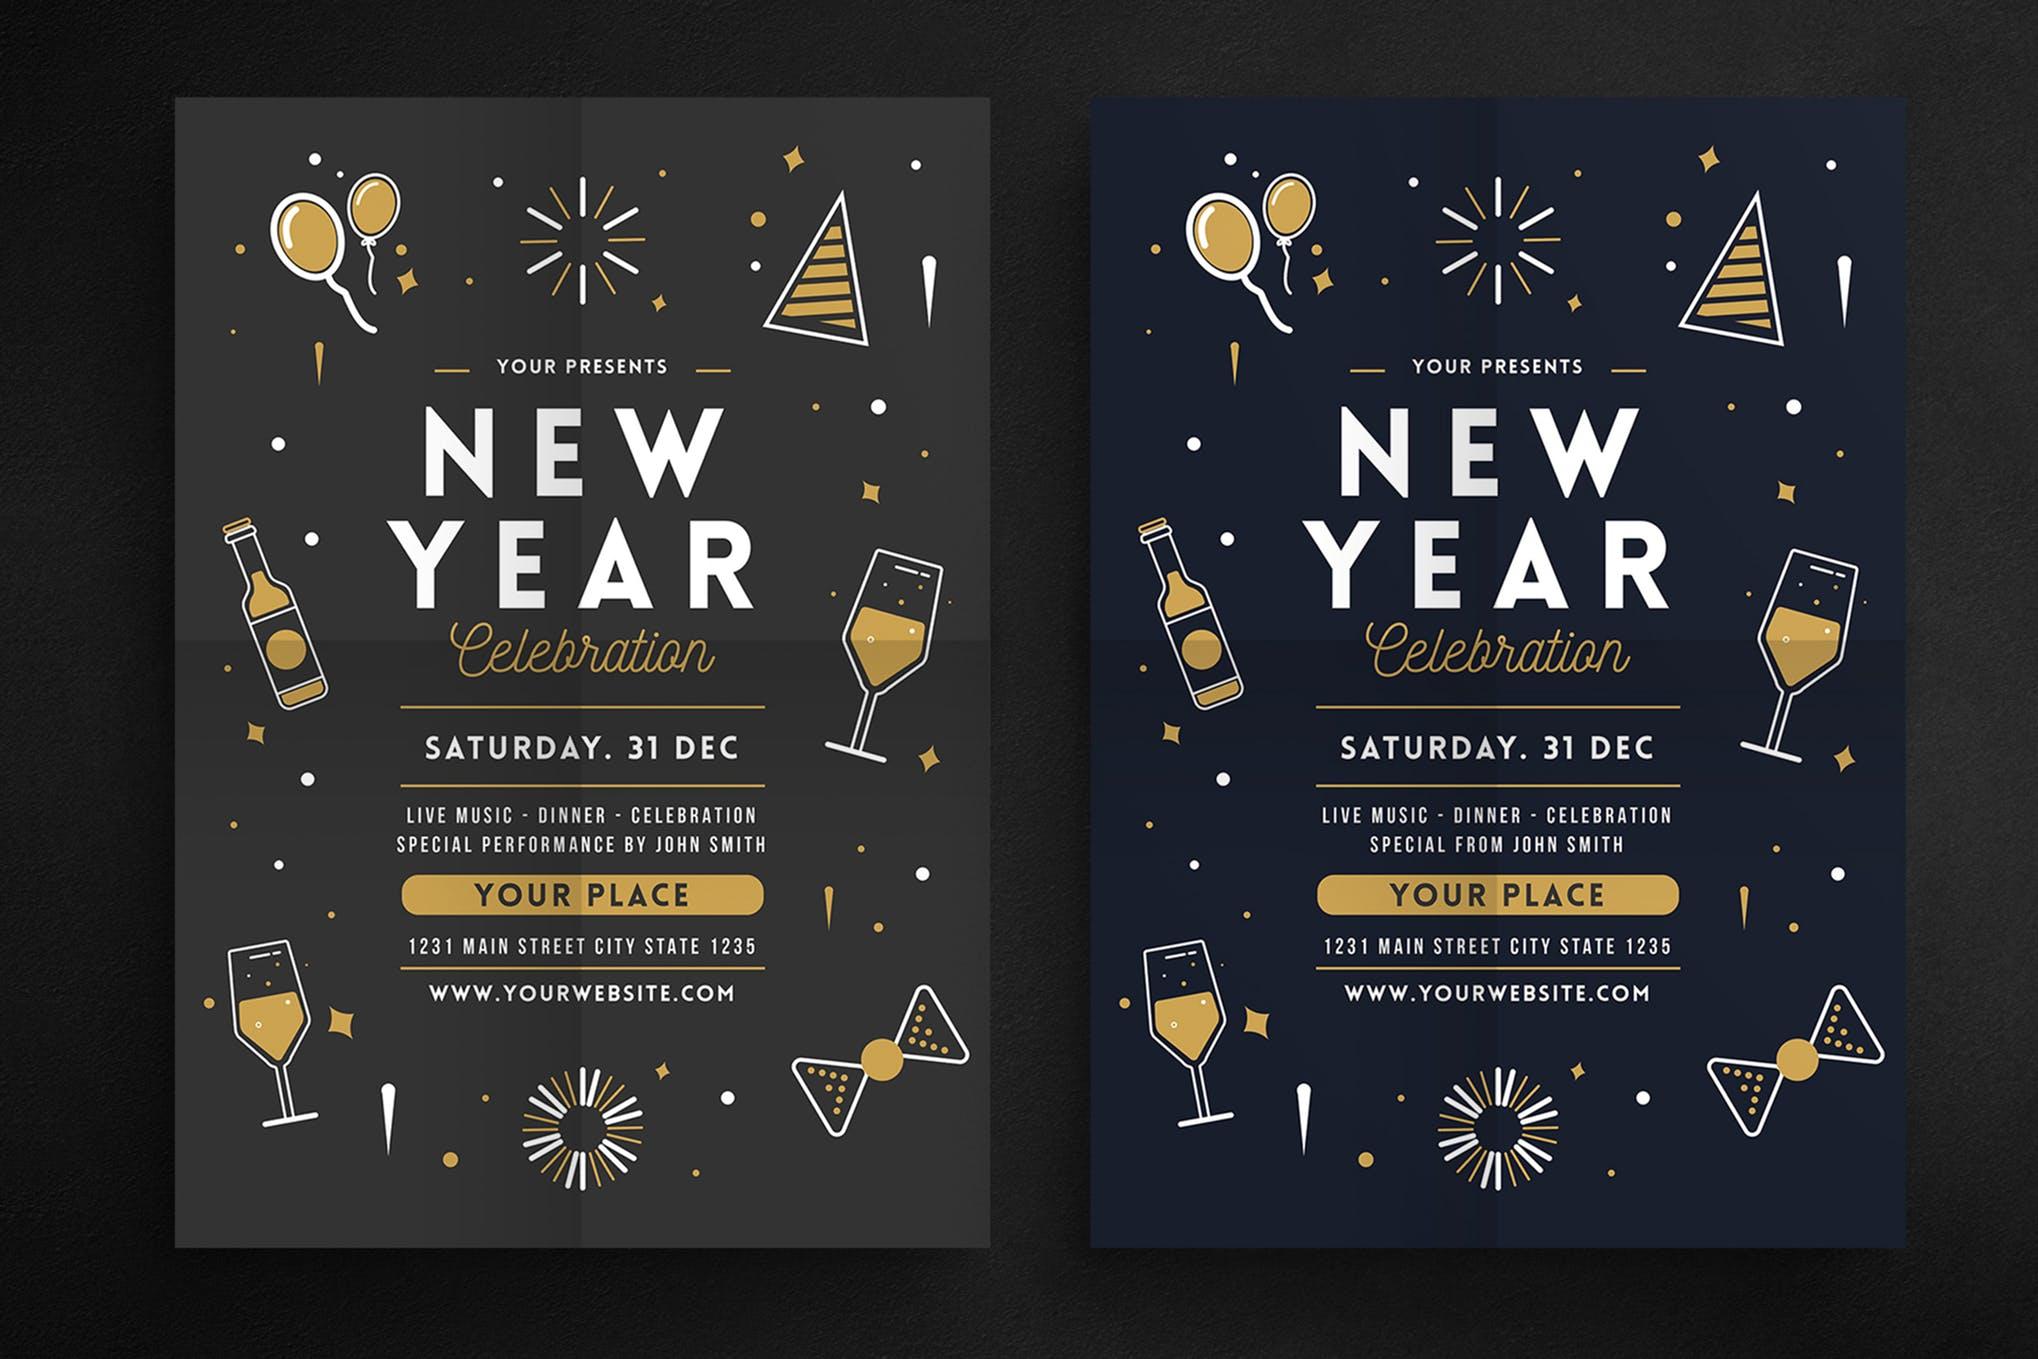 新年庆祝活动传单海报模板